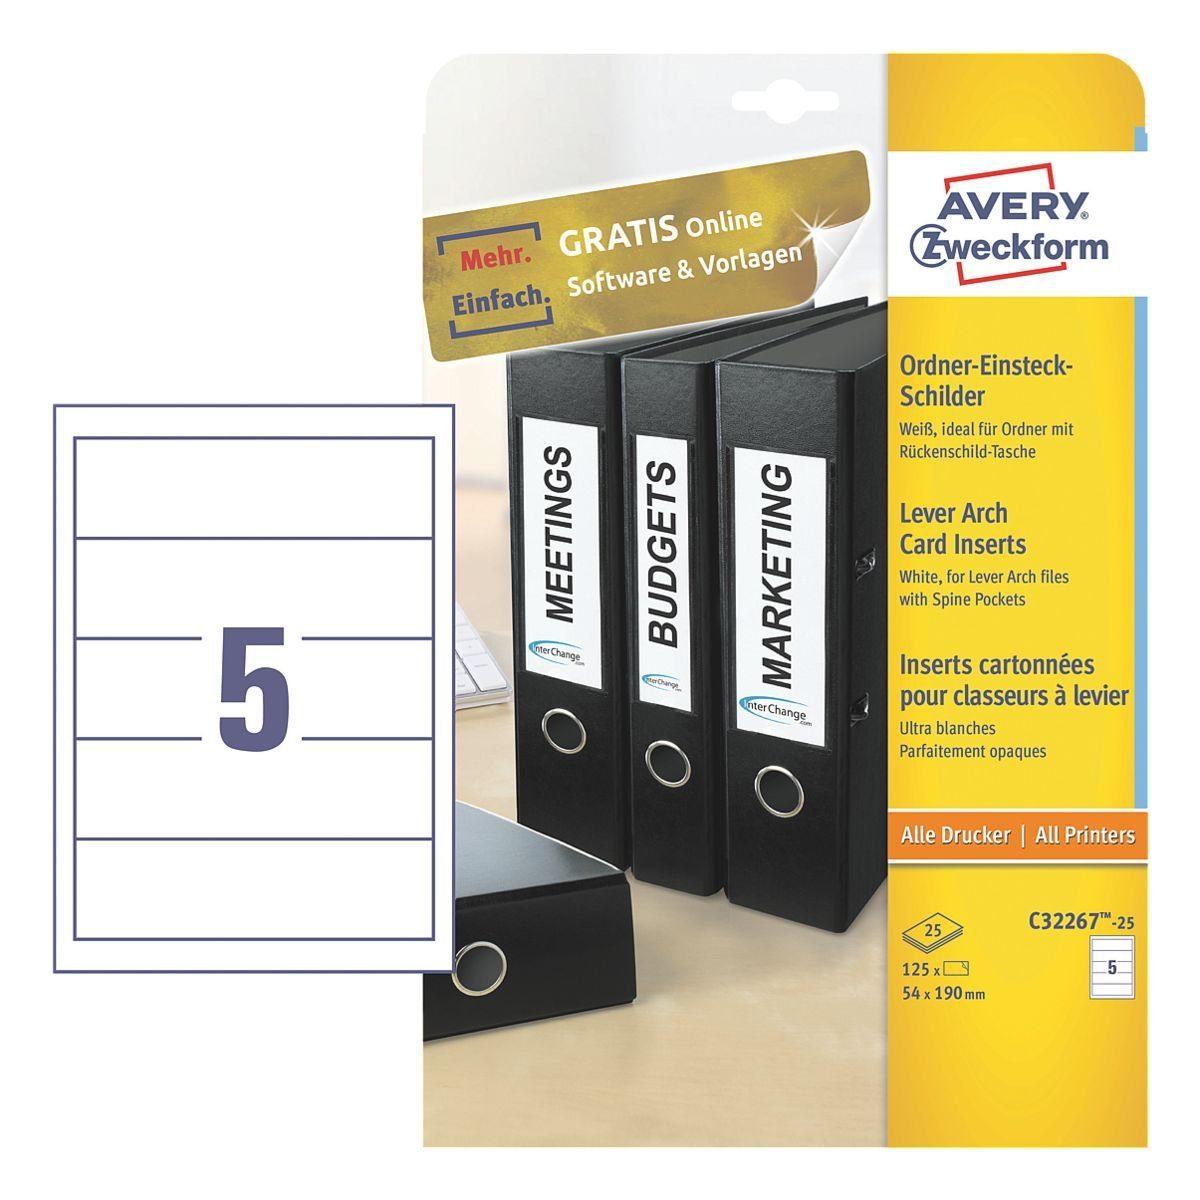 Avery Zweckform Ordner-Rückenschilder zum Einstecken